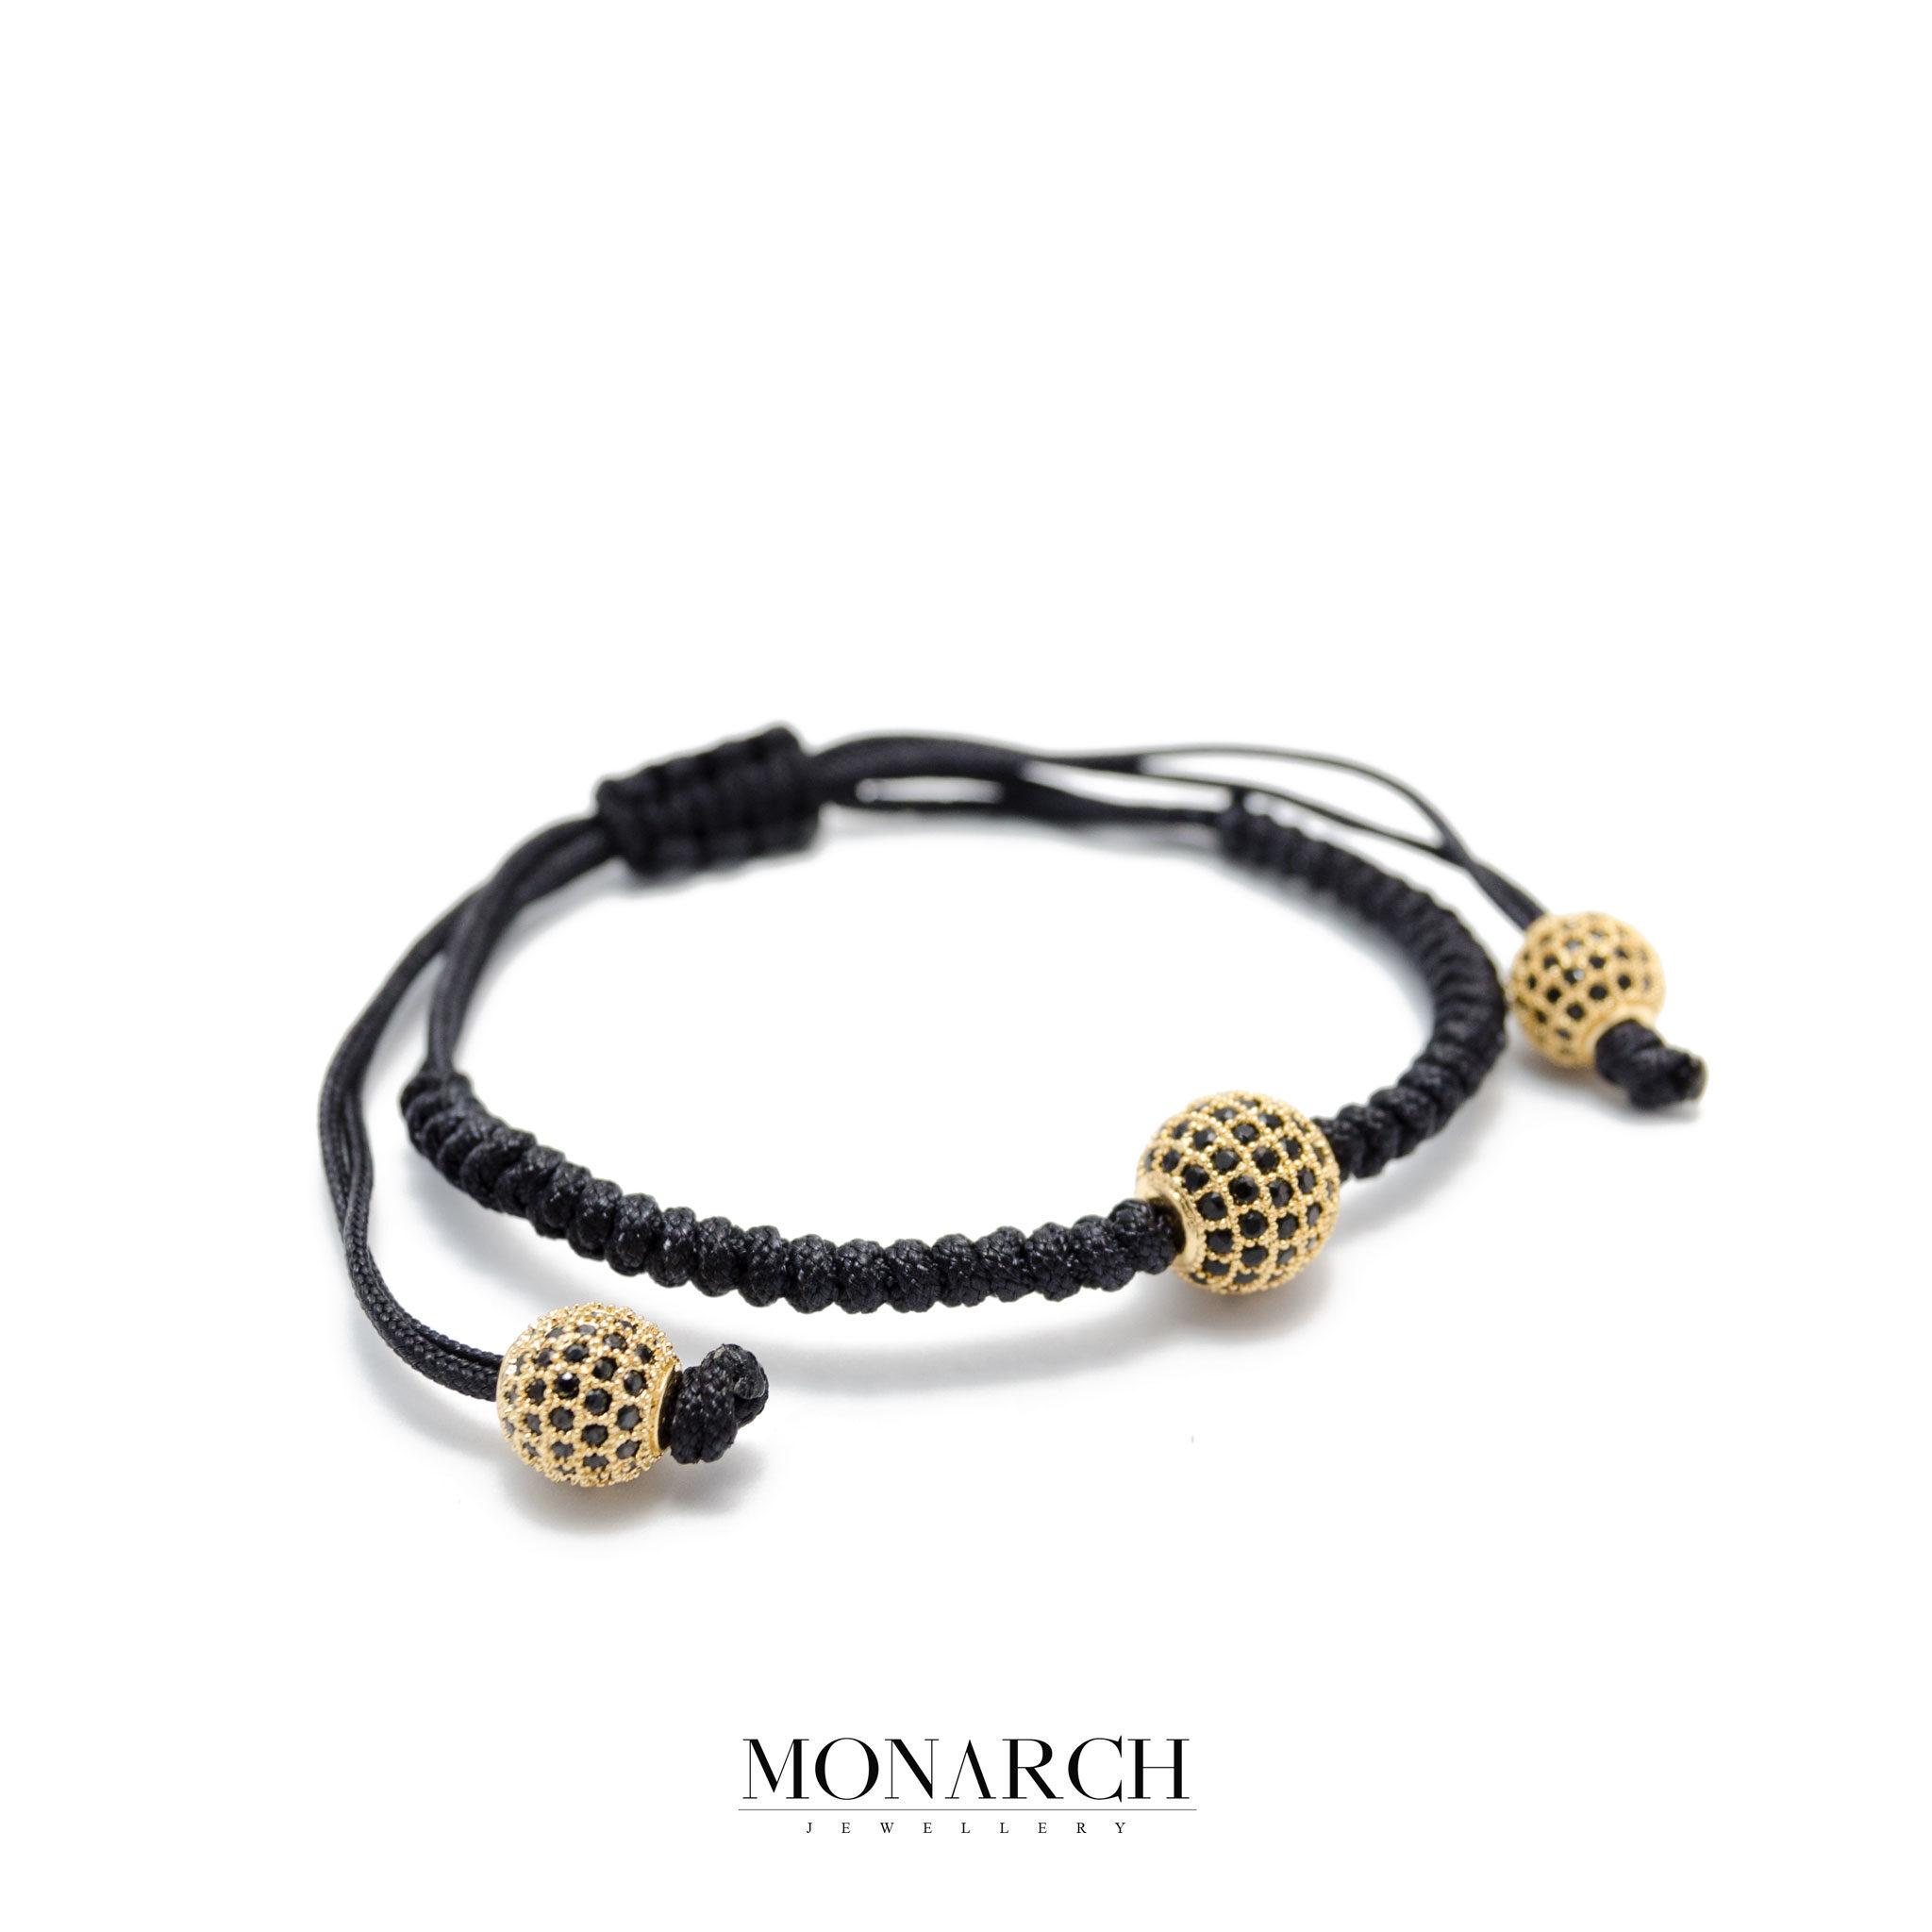 Monarch Jewellery 24k Gold Black Zircon Luxury Macrame Bracelet